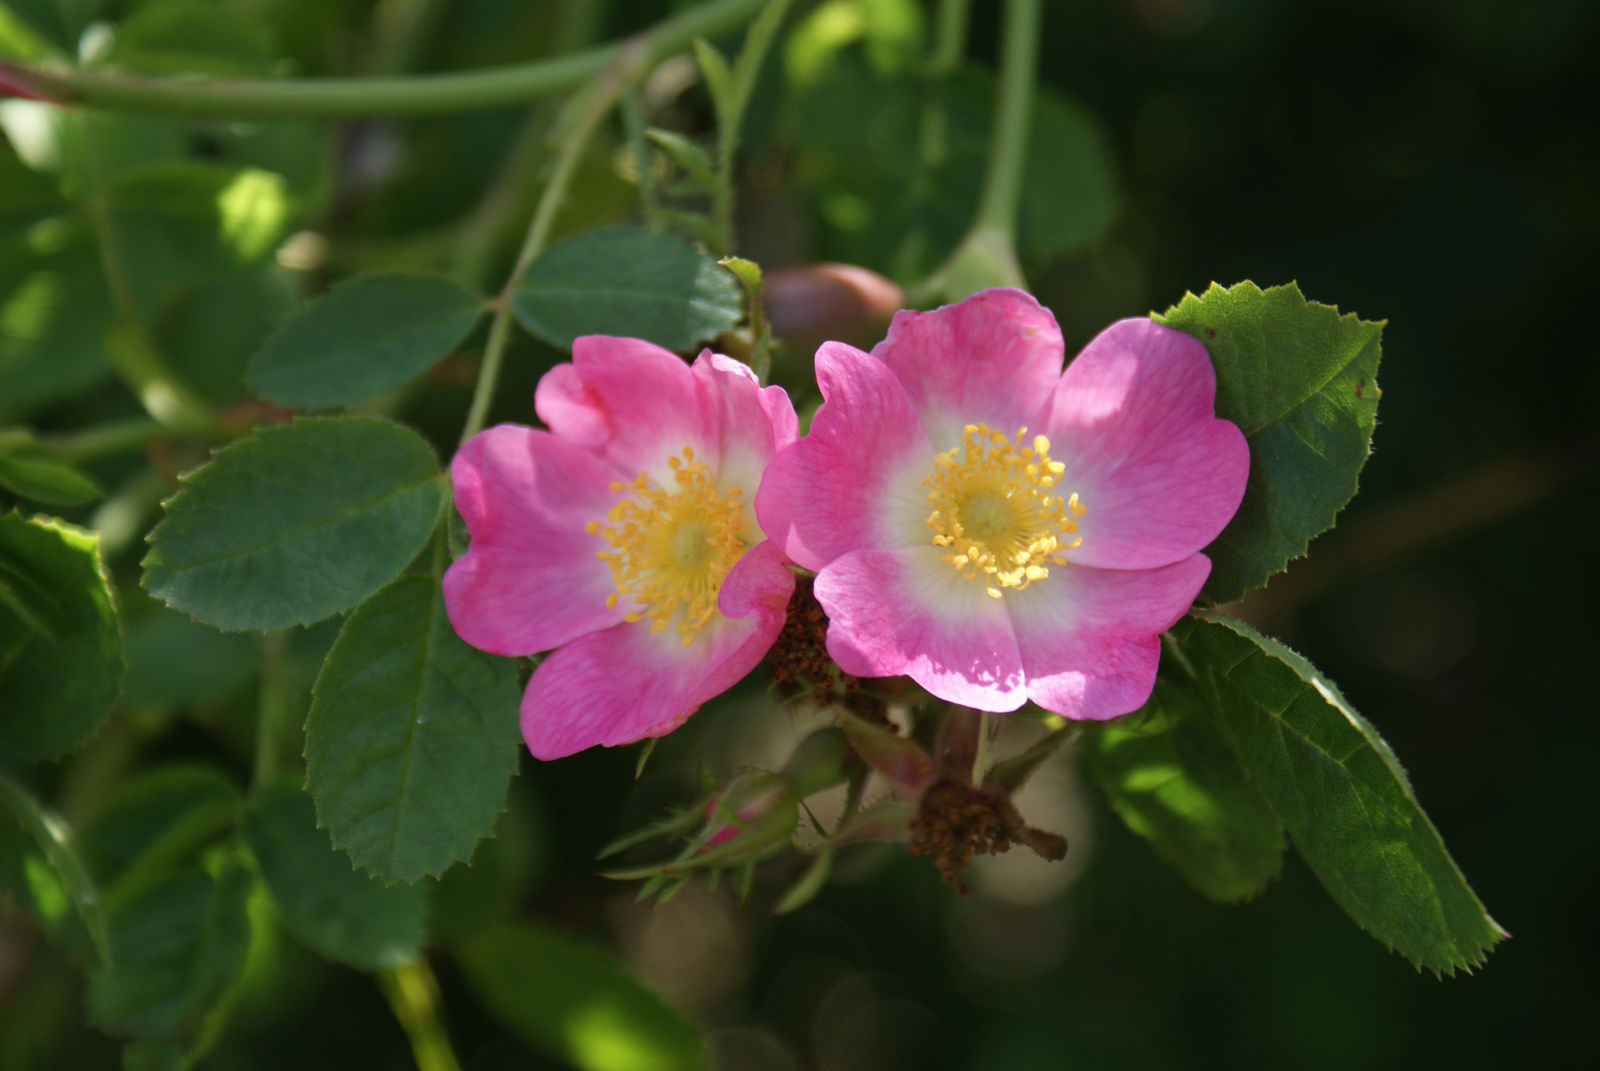 Flowers-of-Sweet-briar